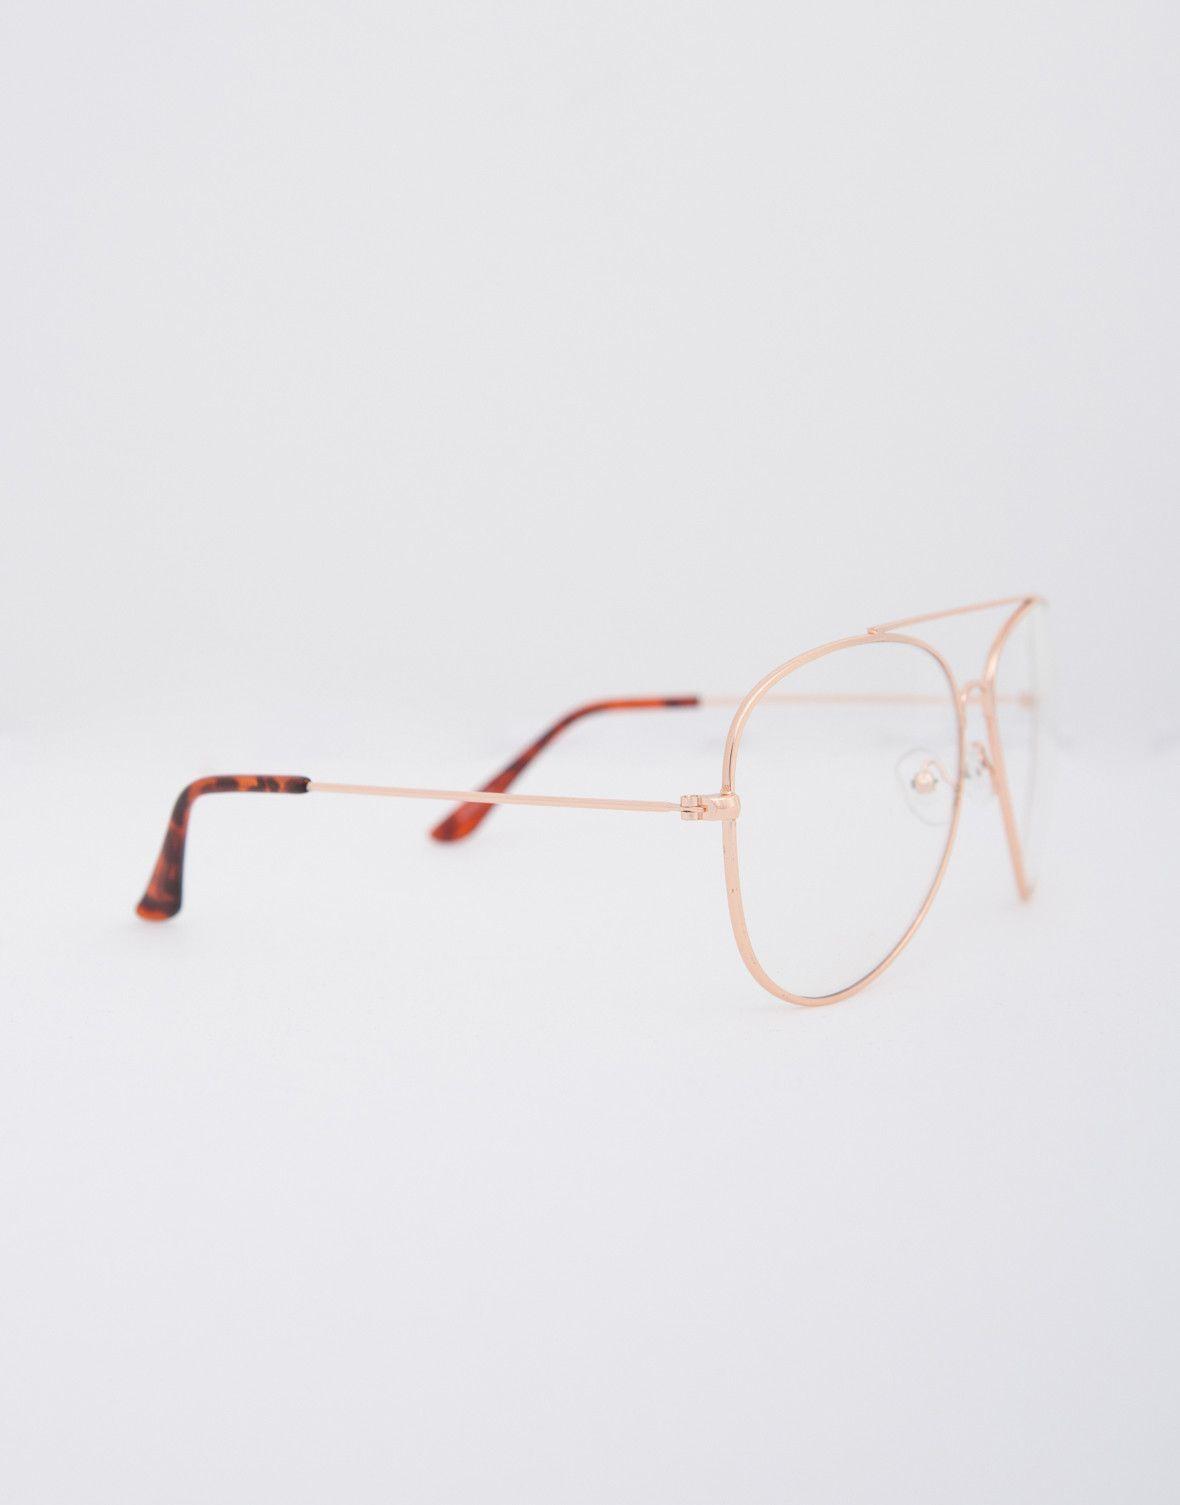 ed3421a1e06 Aviator Clear Glasses